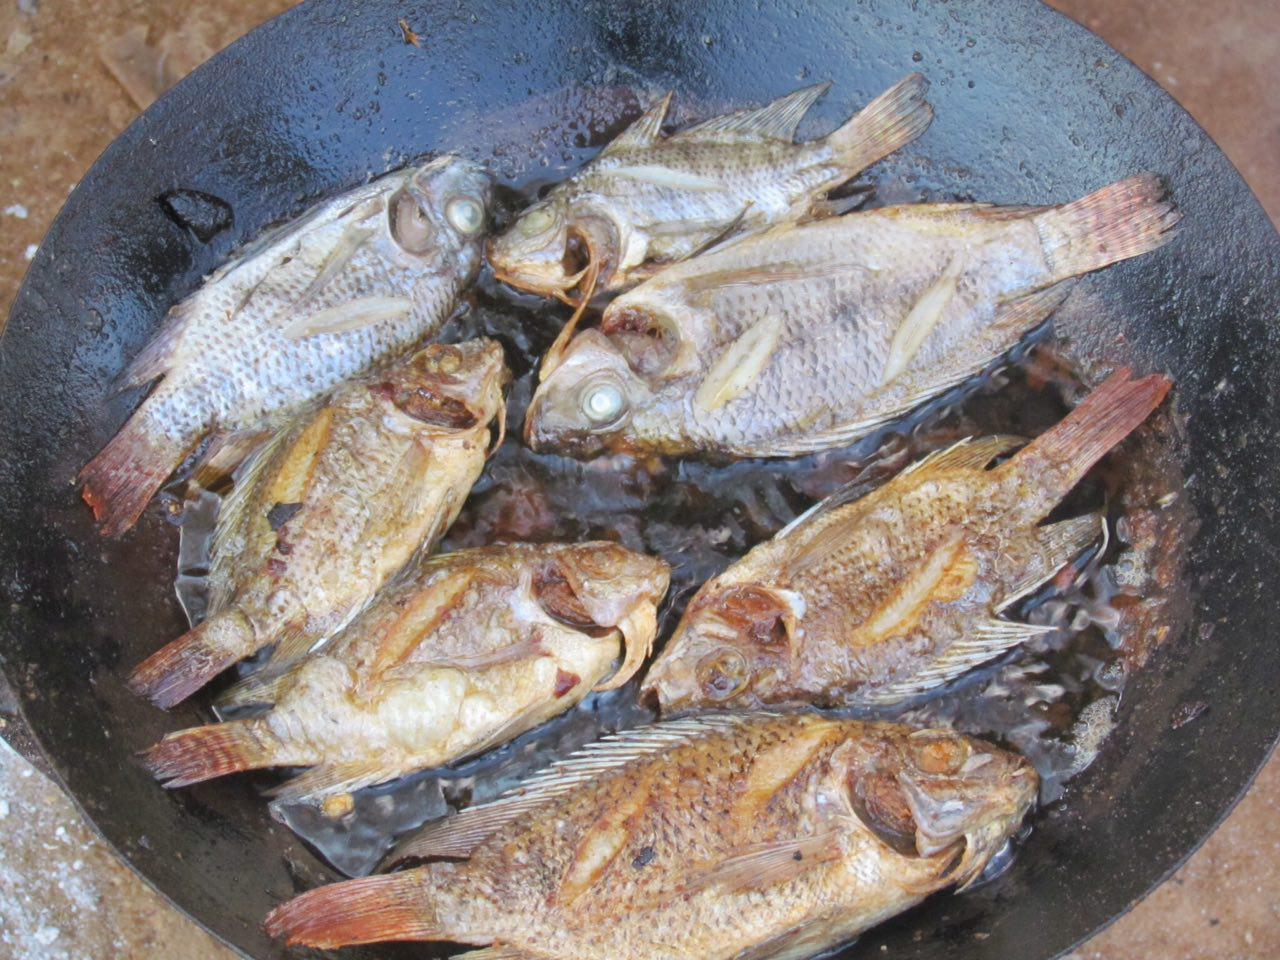 اینها هم ماهی های رودخانه مانامبولو هستند، رودخانه ای که زندگی مردمان این سرزمین به آن گره خورده است، خوشمزه اند، هرچند که به شیوه ای کاملا ابتدایی درست می شوند.